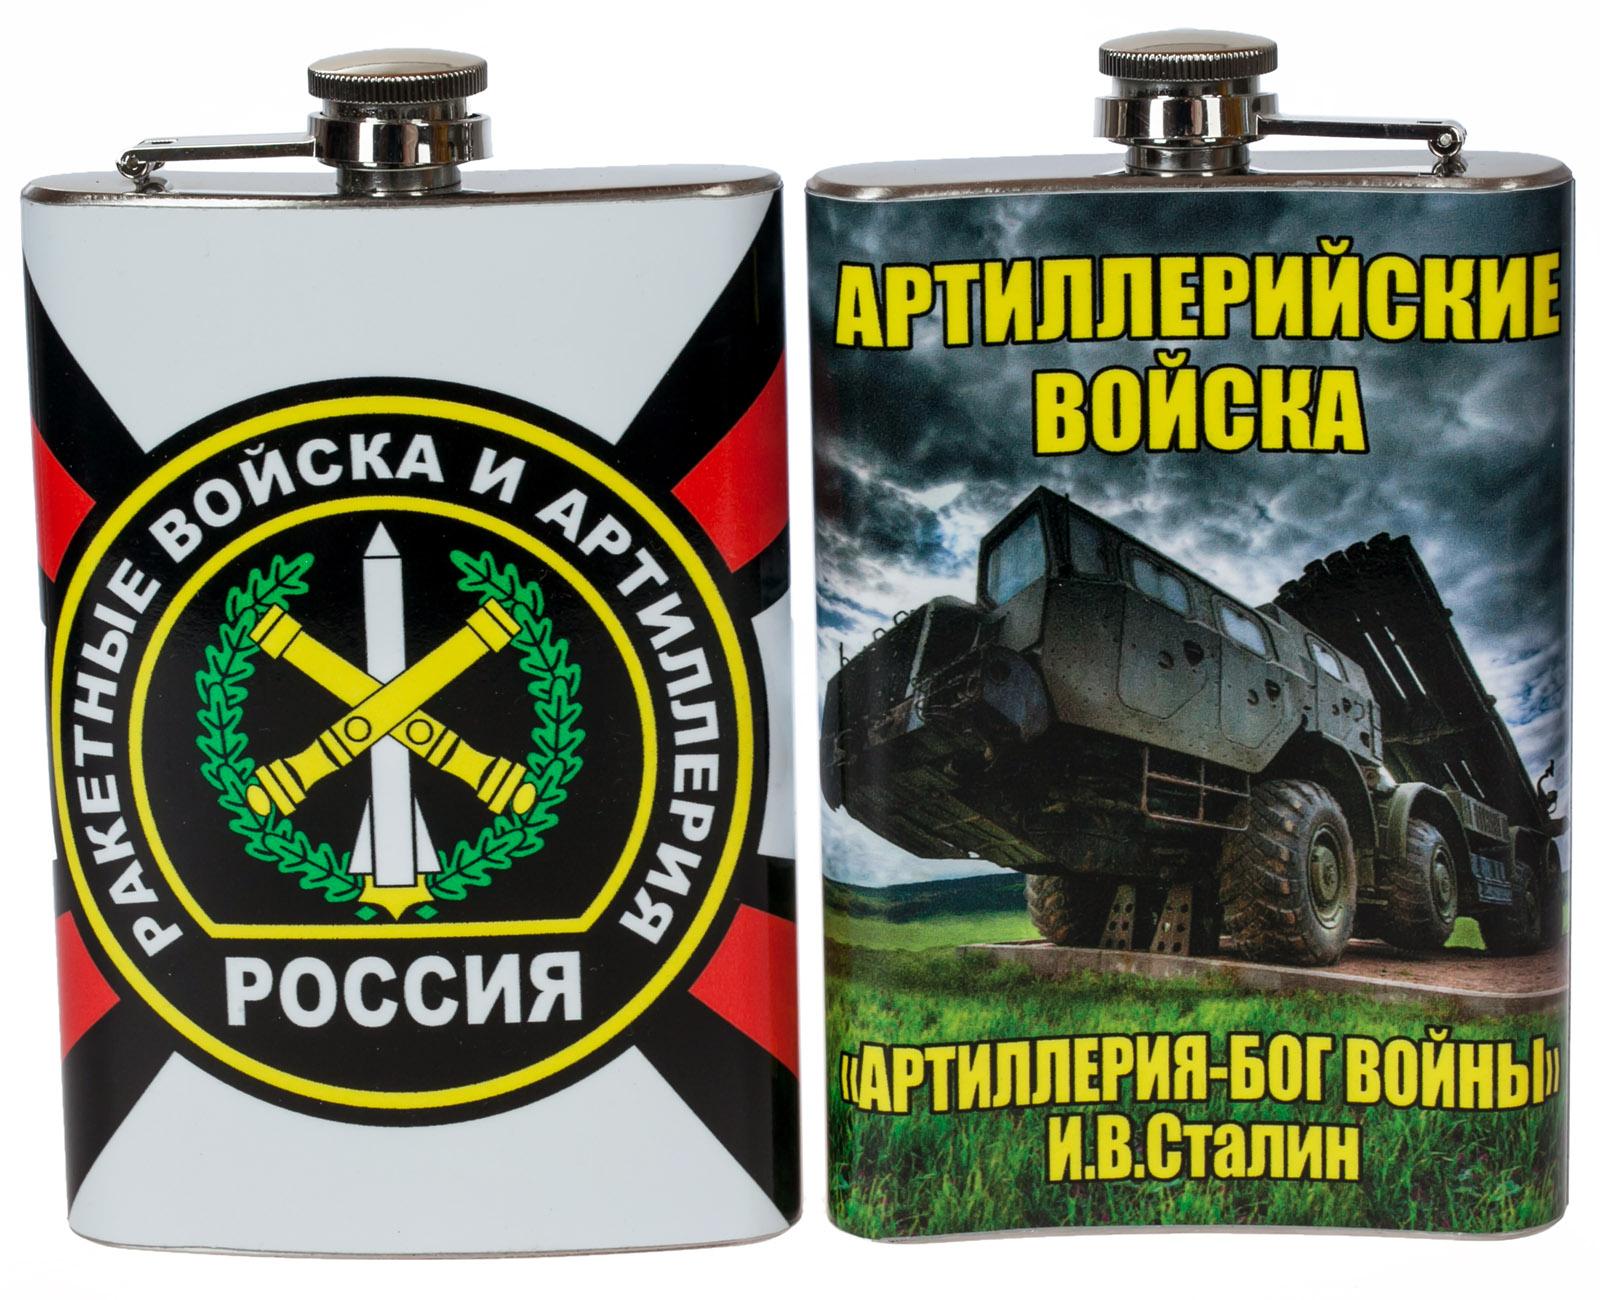 Фляжка ракетных войск и артиллерии «РВиА» купить с доставкой от Военторга Военпро